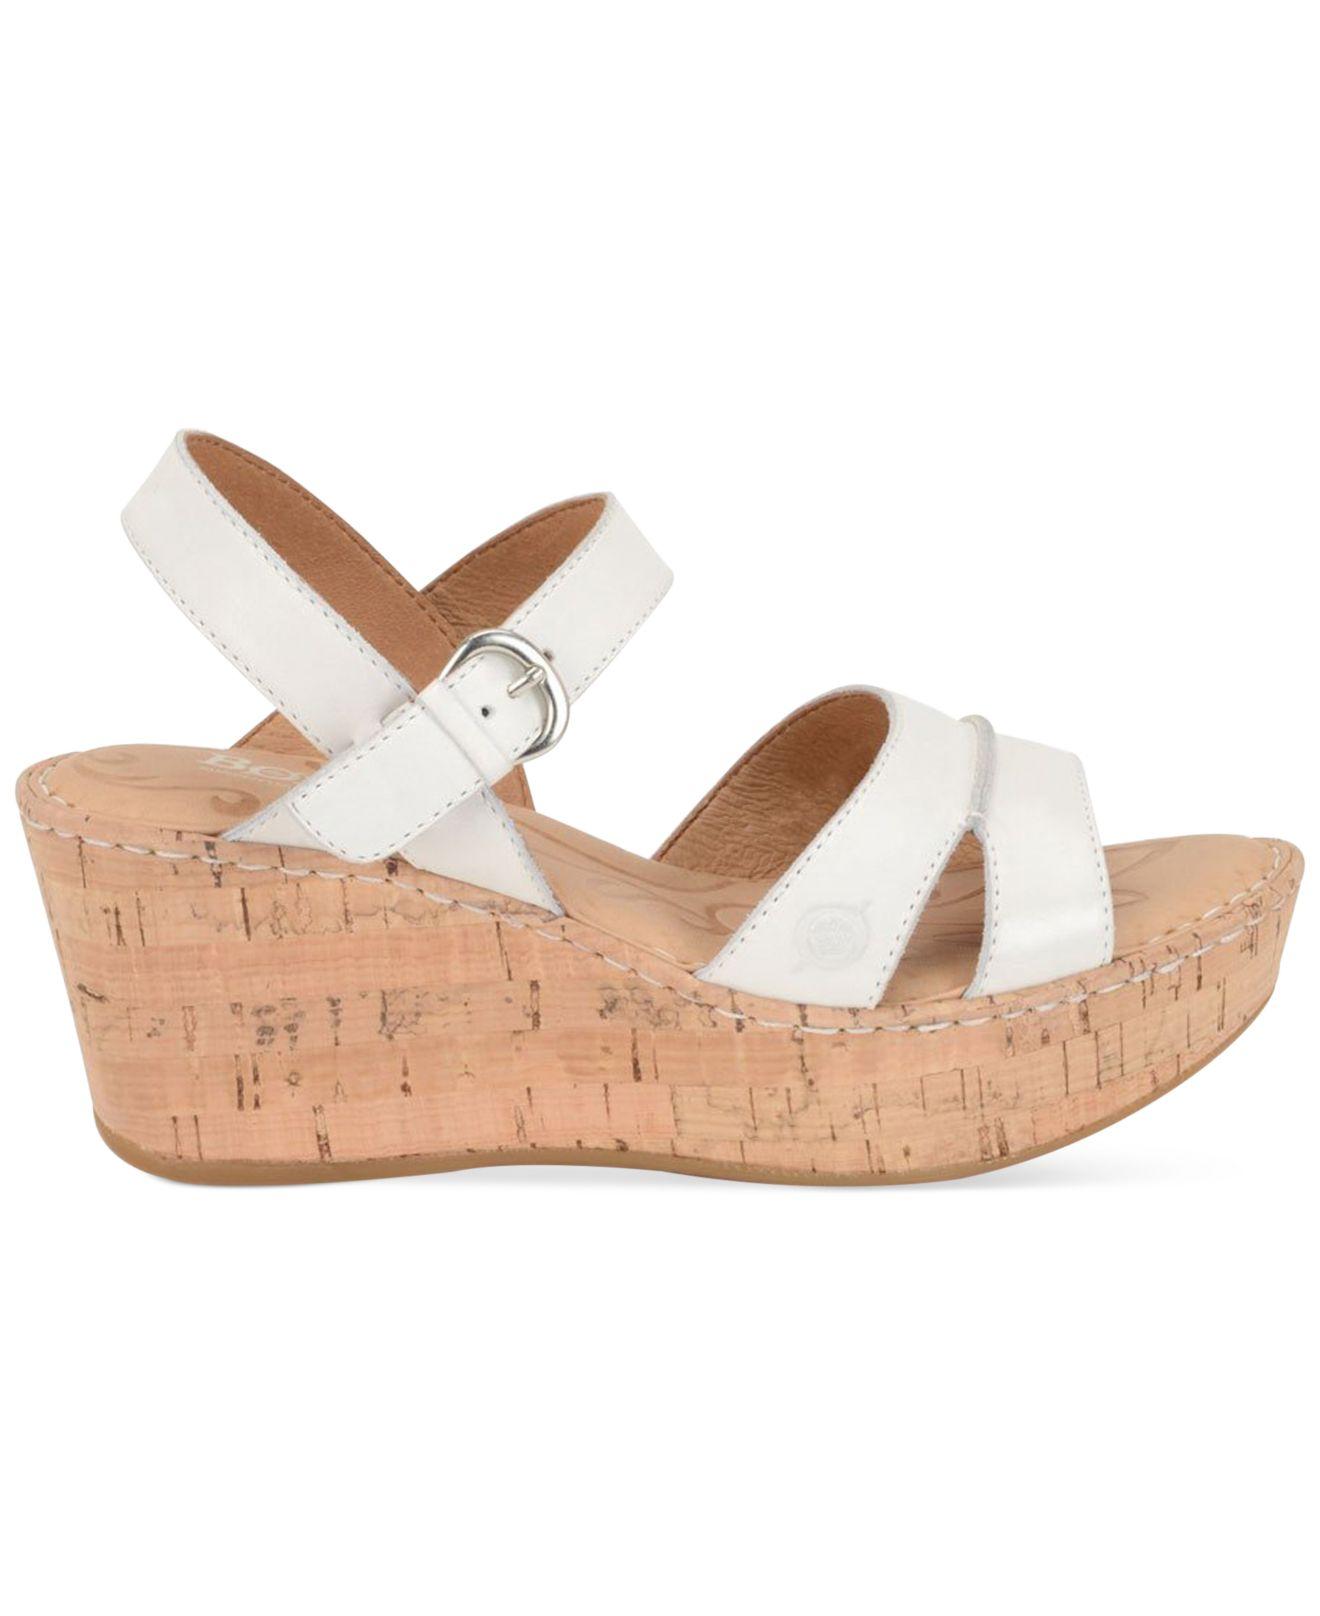 born tayen platform wedge sandals in white lyst